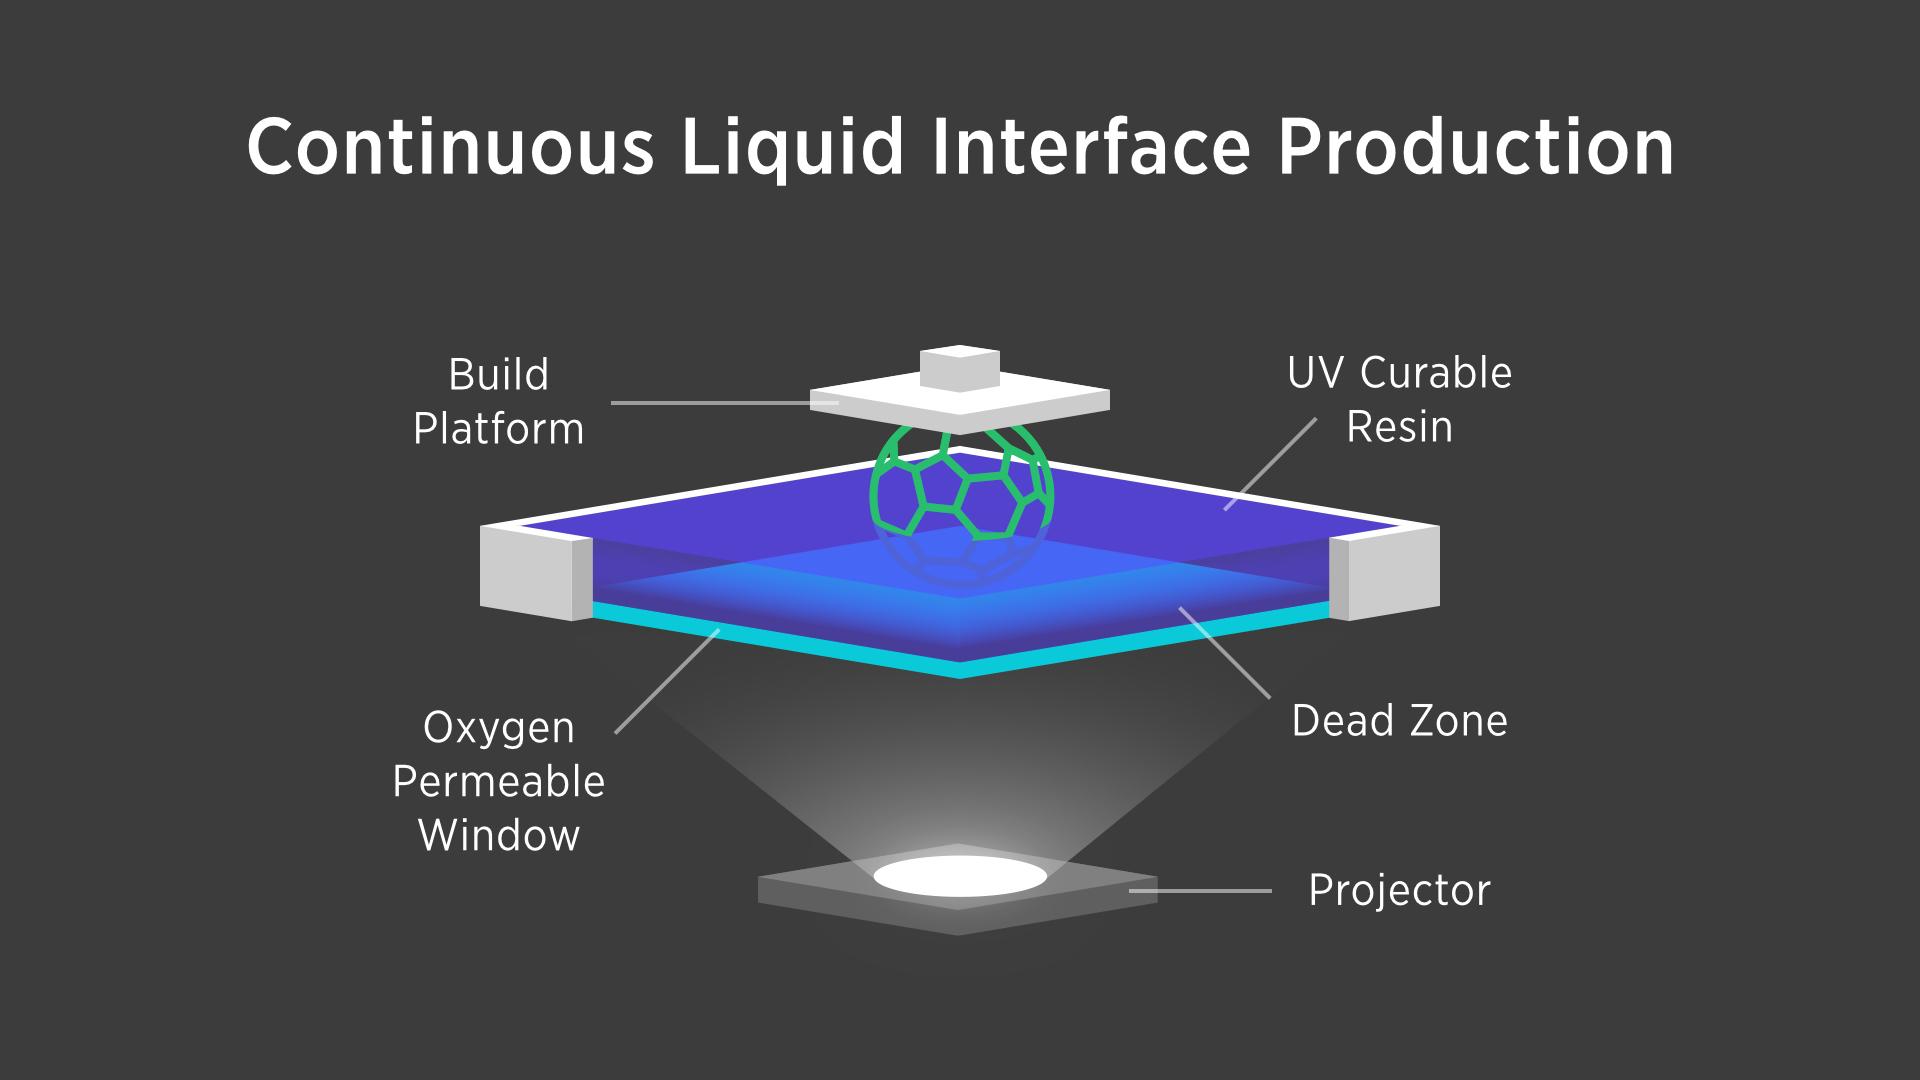 Carbon3D_CLIP-Continuous-Liquid-Interface-Production